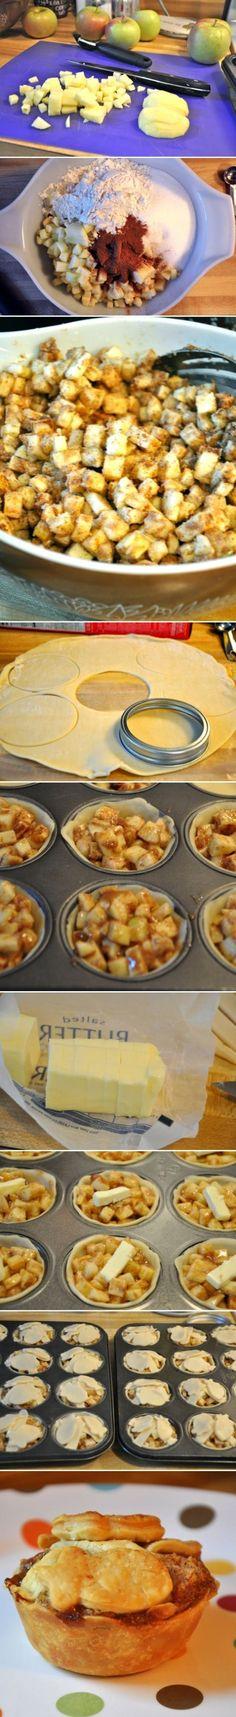 Mom look!! Apple pie cupcakes!!!